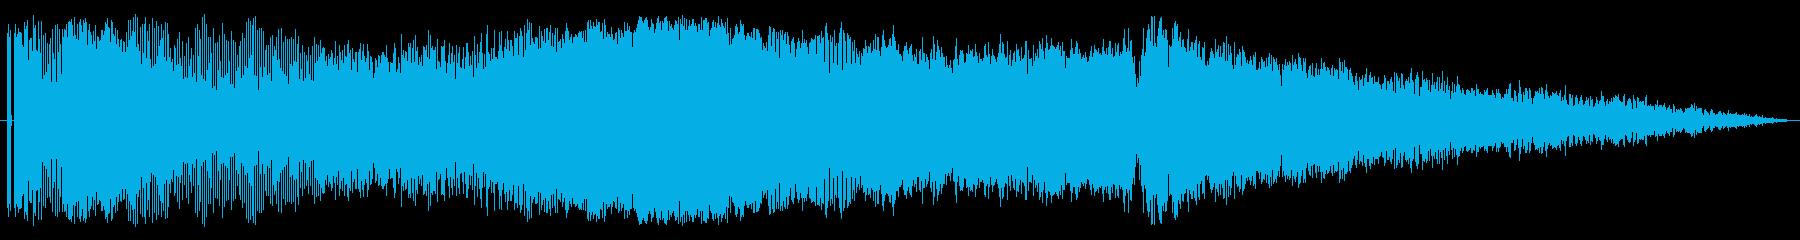 【レース07】ド迫力のエンジン効果音!の再生済みの波形